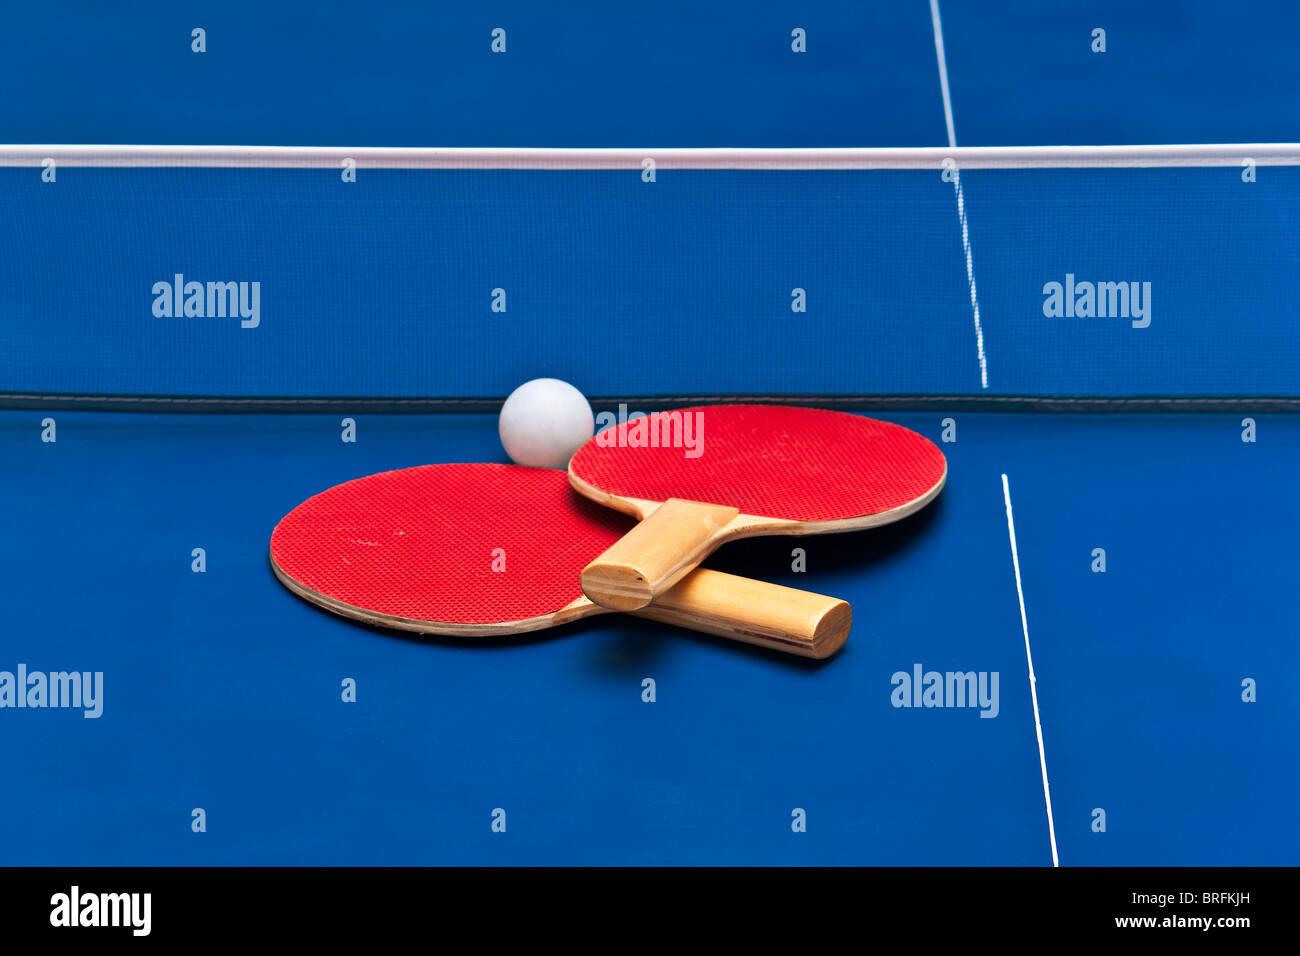 Paire de raquettes de tennis de table au-dessus d'un terrain de jeu bleu Photo Stock